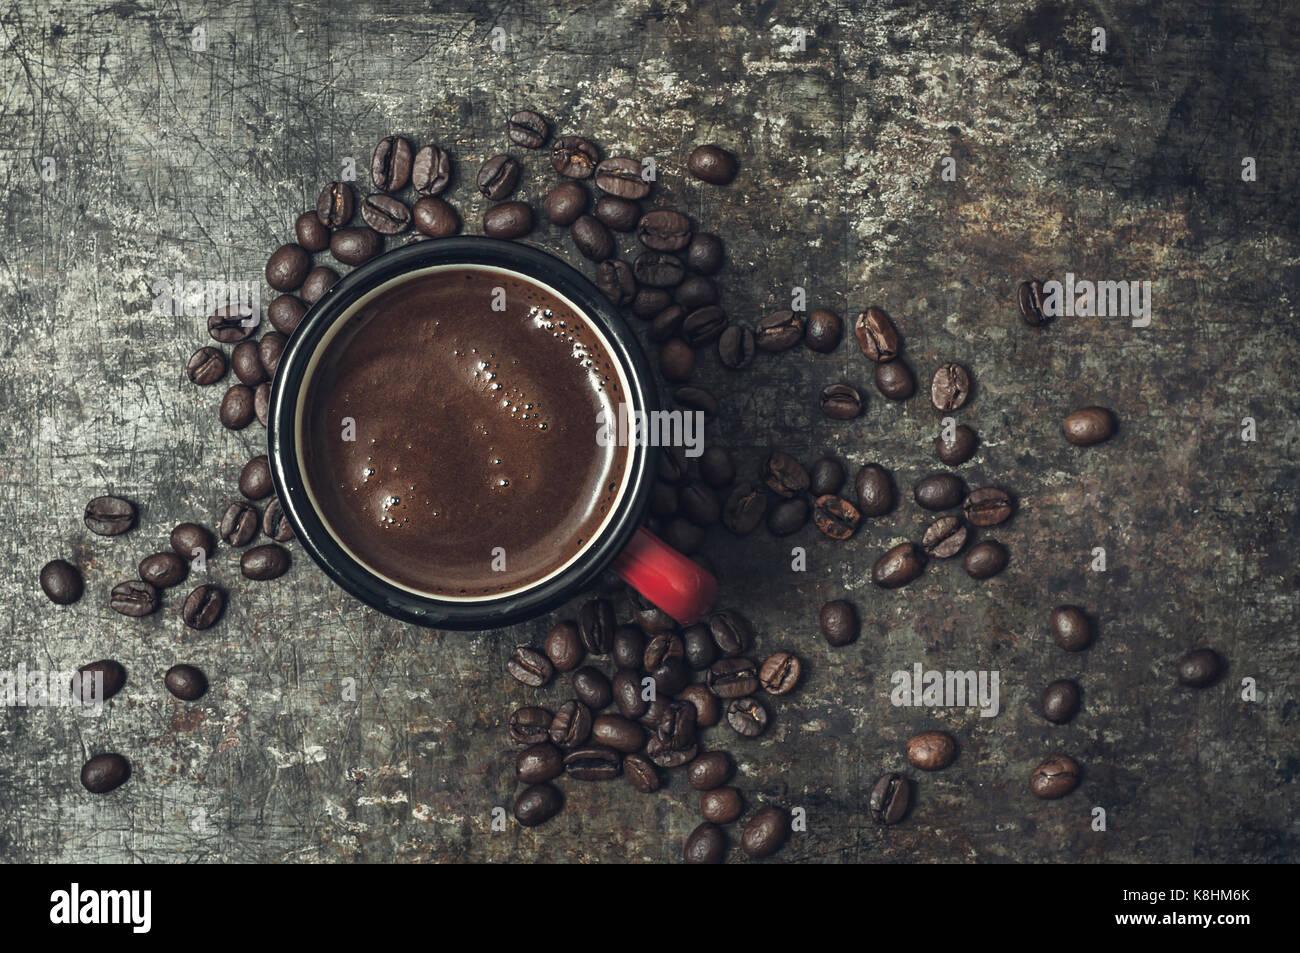 Taza de café con granos tostados sobre fondo de piedra, desde arriba Imagen De Stock